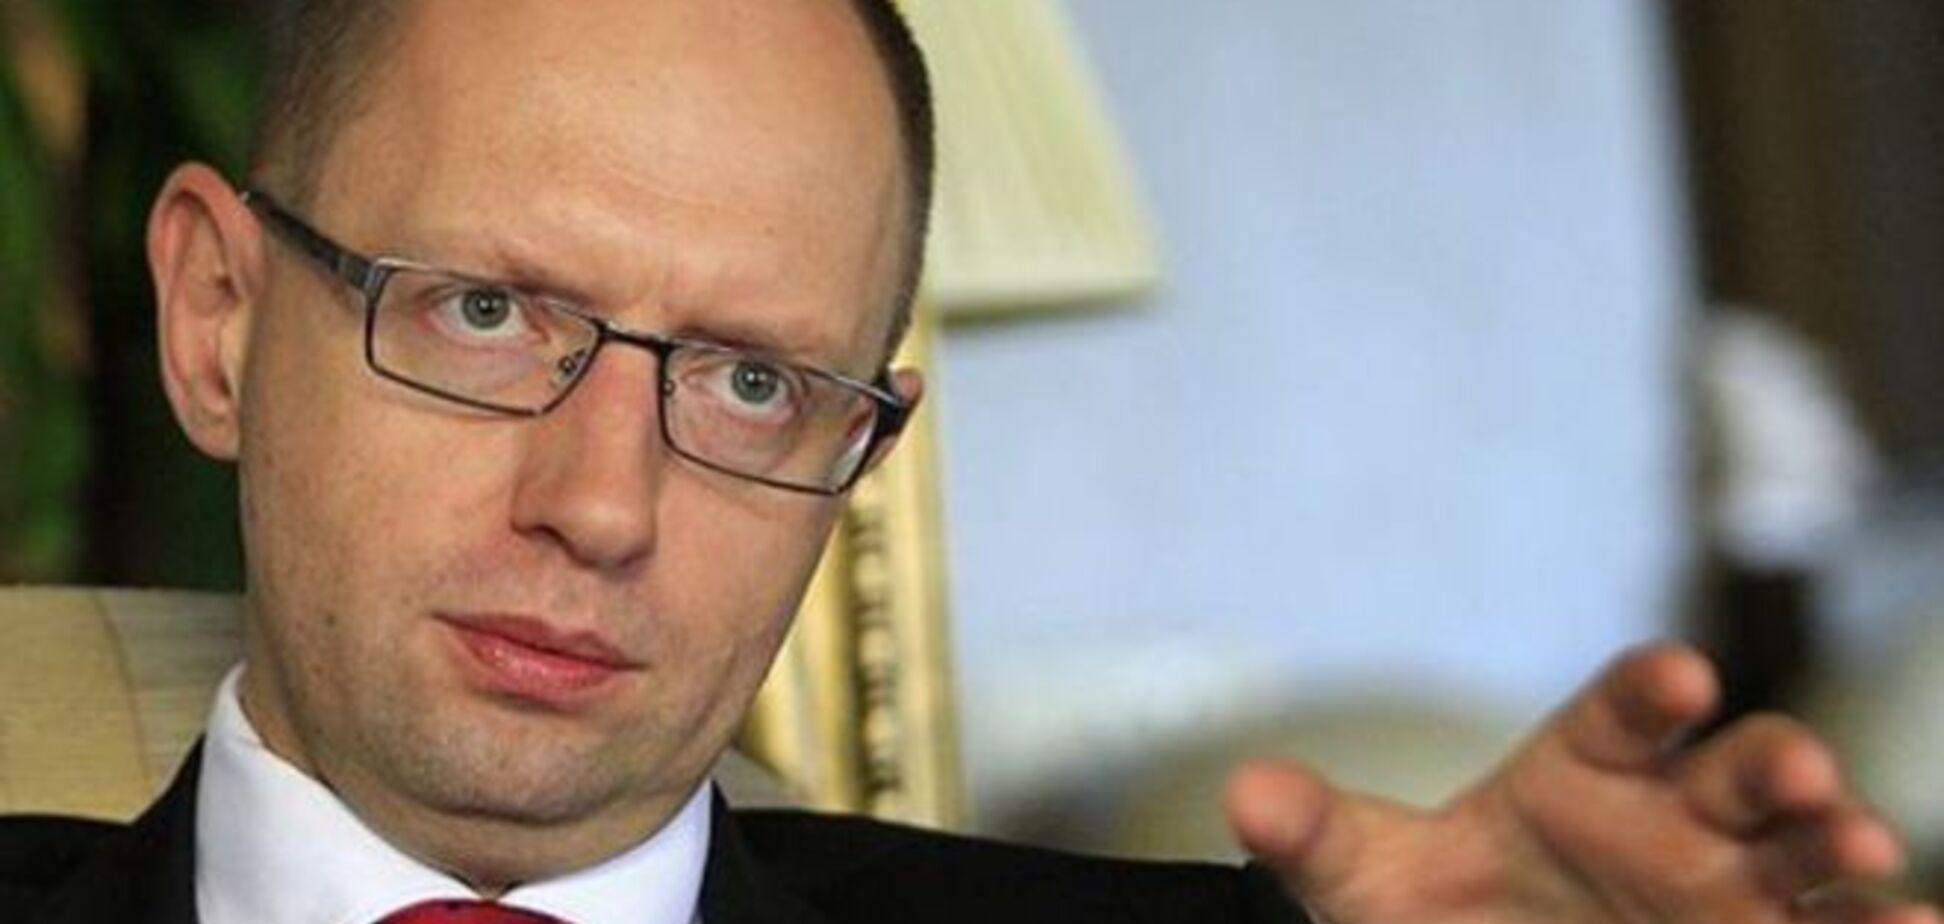 Яценюк: Україна буде жорстко економити, як Англія